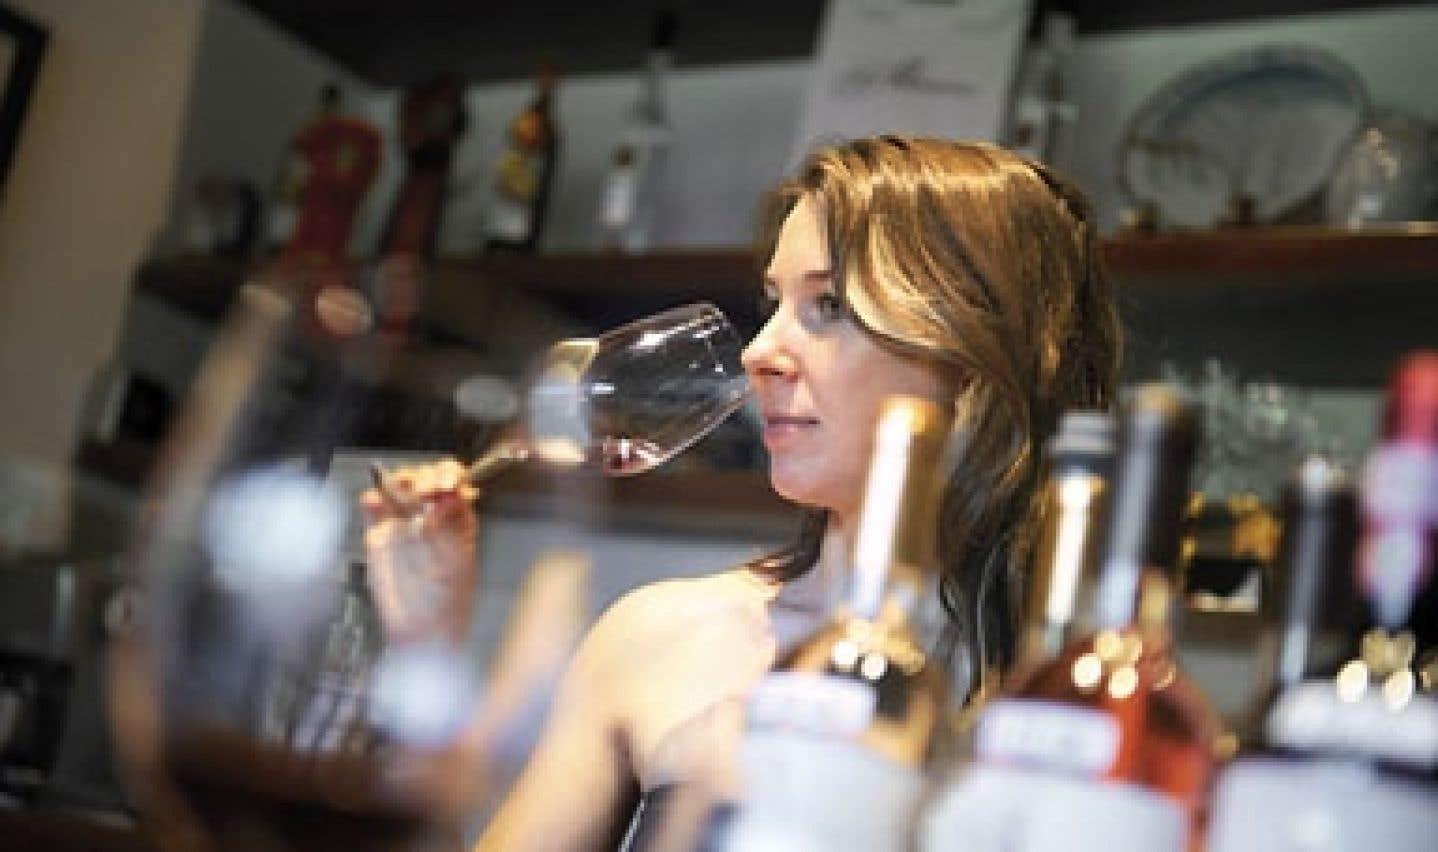 La vigneronne Paula Papini Cook, 27 ans, présentait cette semaine à Montréal sa plus récente cuvée de Miccine.